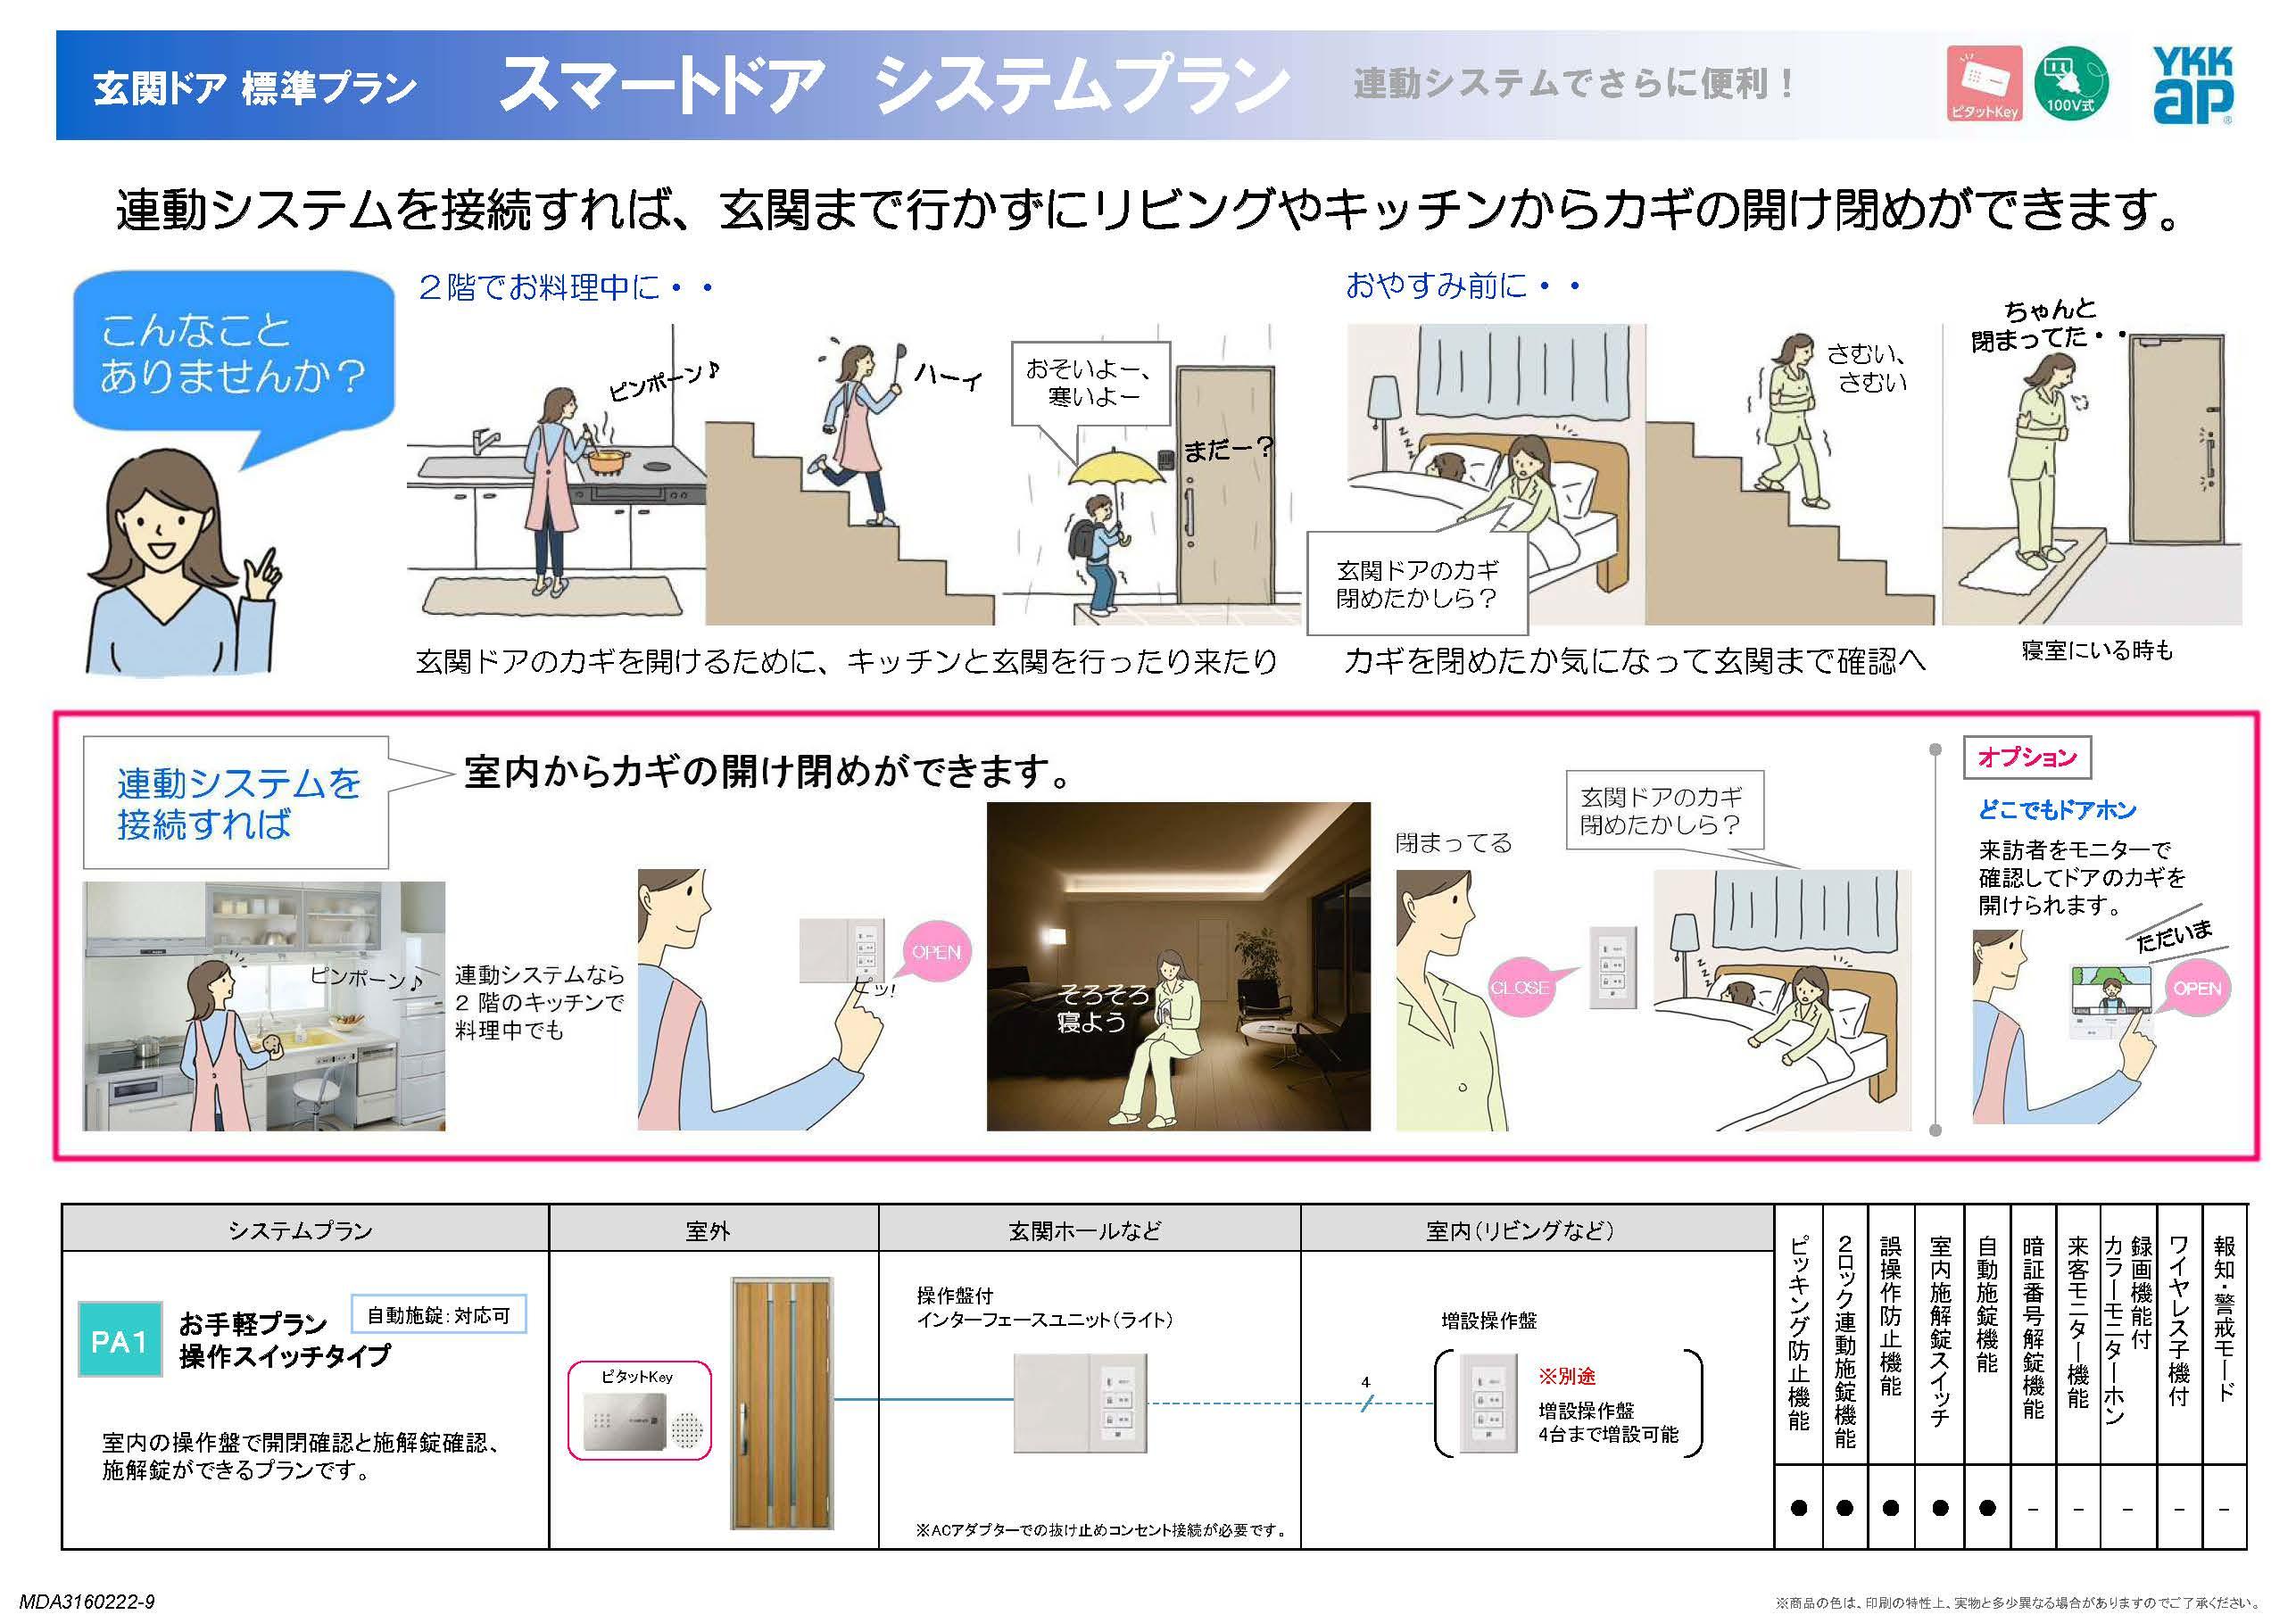 玄関ドア標準プラン スマートドア システムプラン